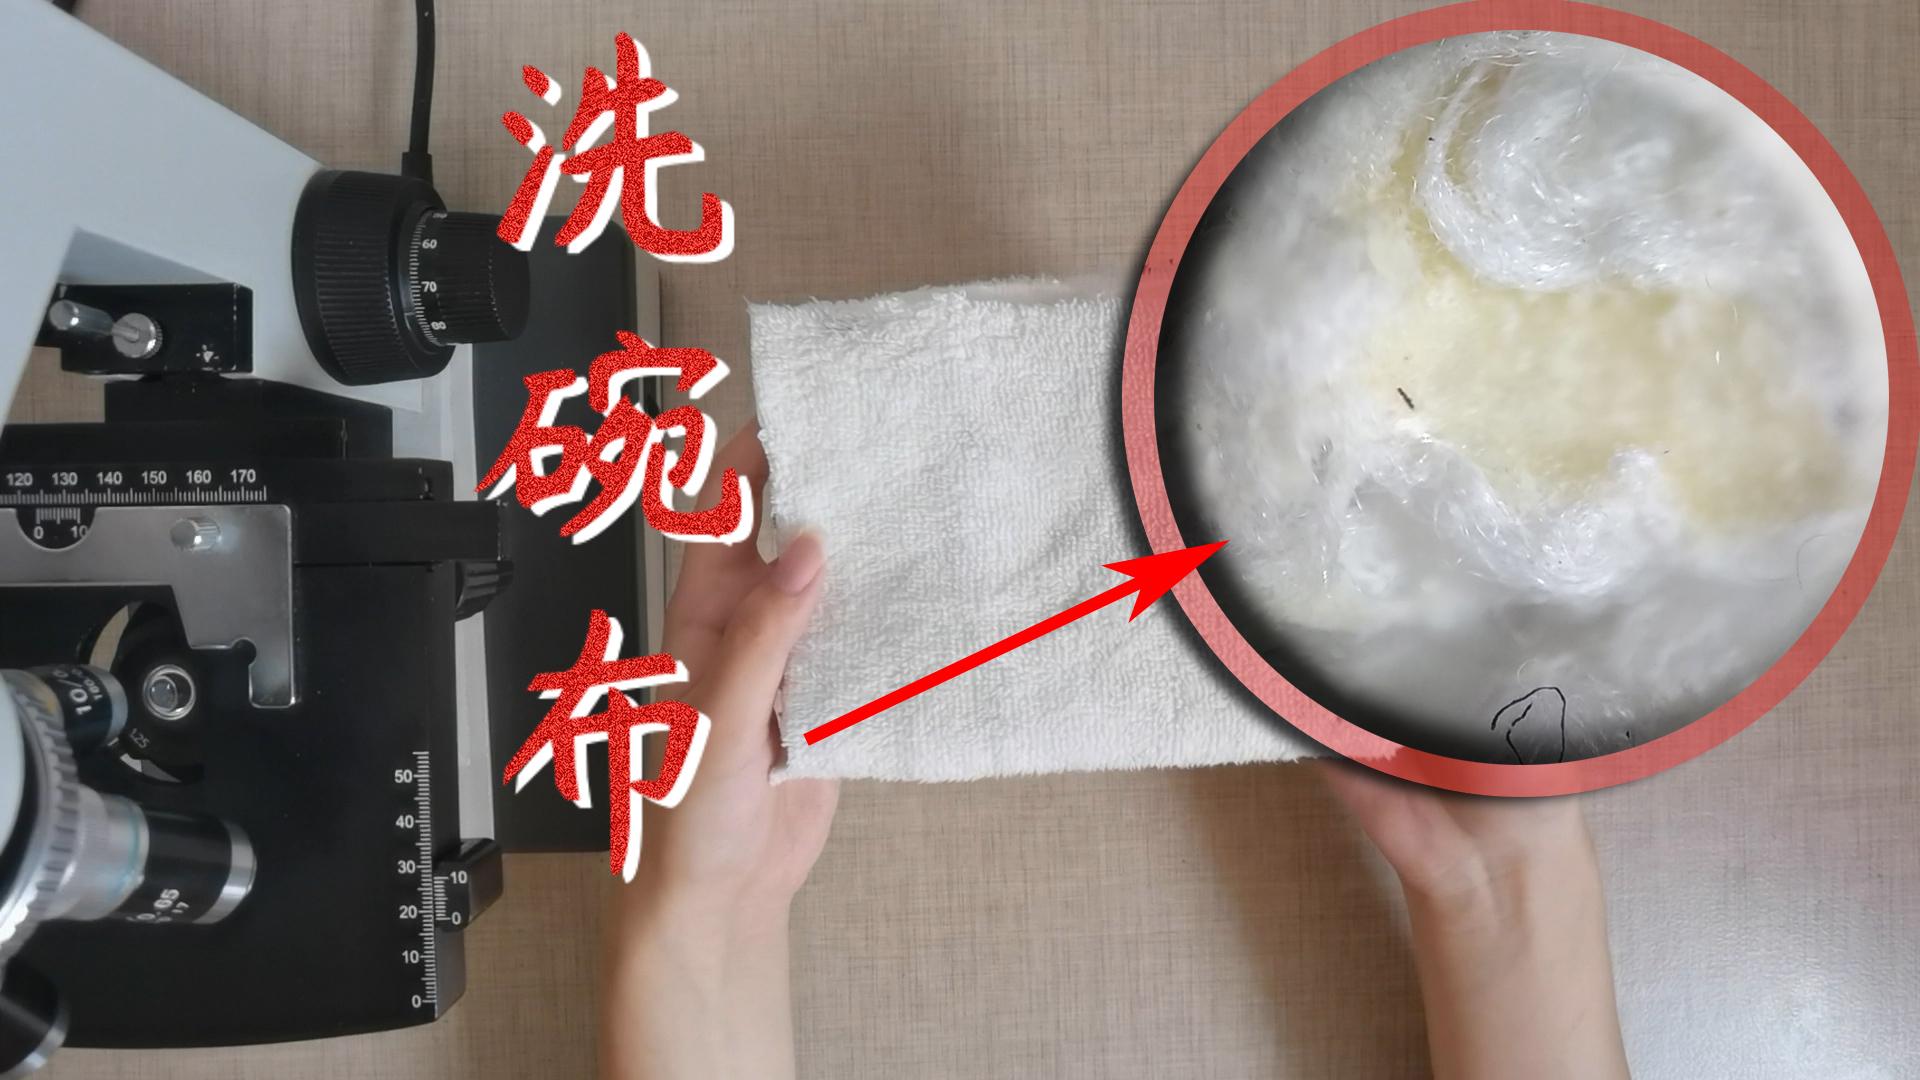 将洗碗布放显微镜下,表面暗黄黑点遍布,以后再也不用布擦碗了